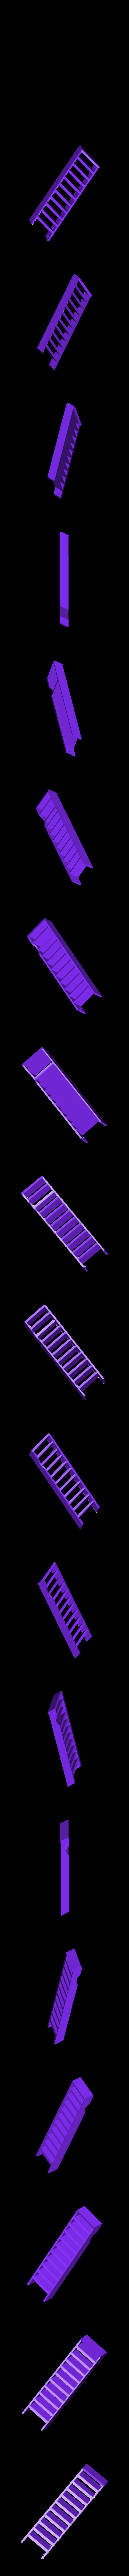 schodyL.stl Download STL file MONAKO RC MODEL BOAT TUG • 3D printable template, maca-artwork